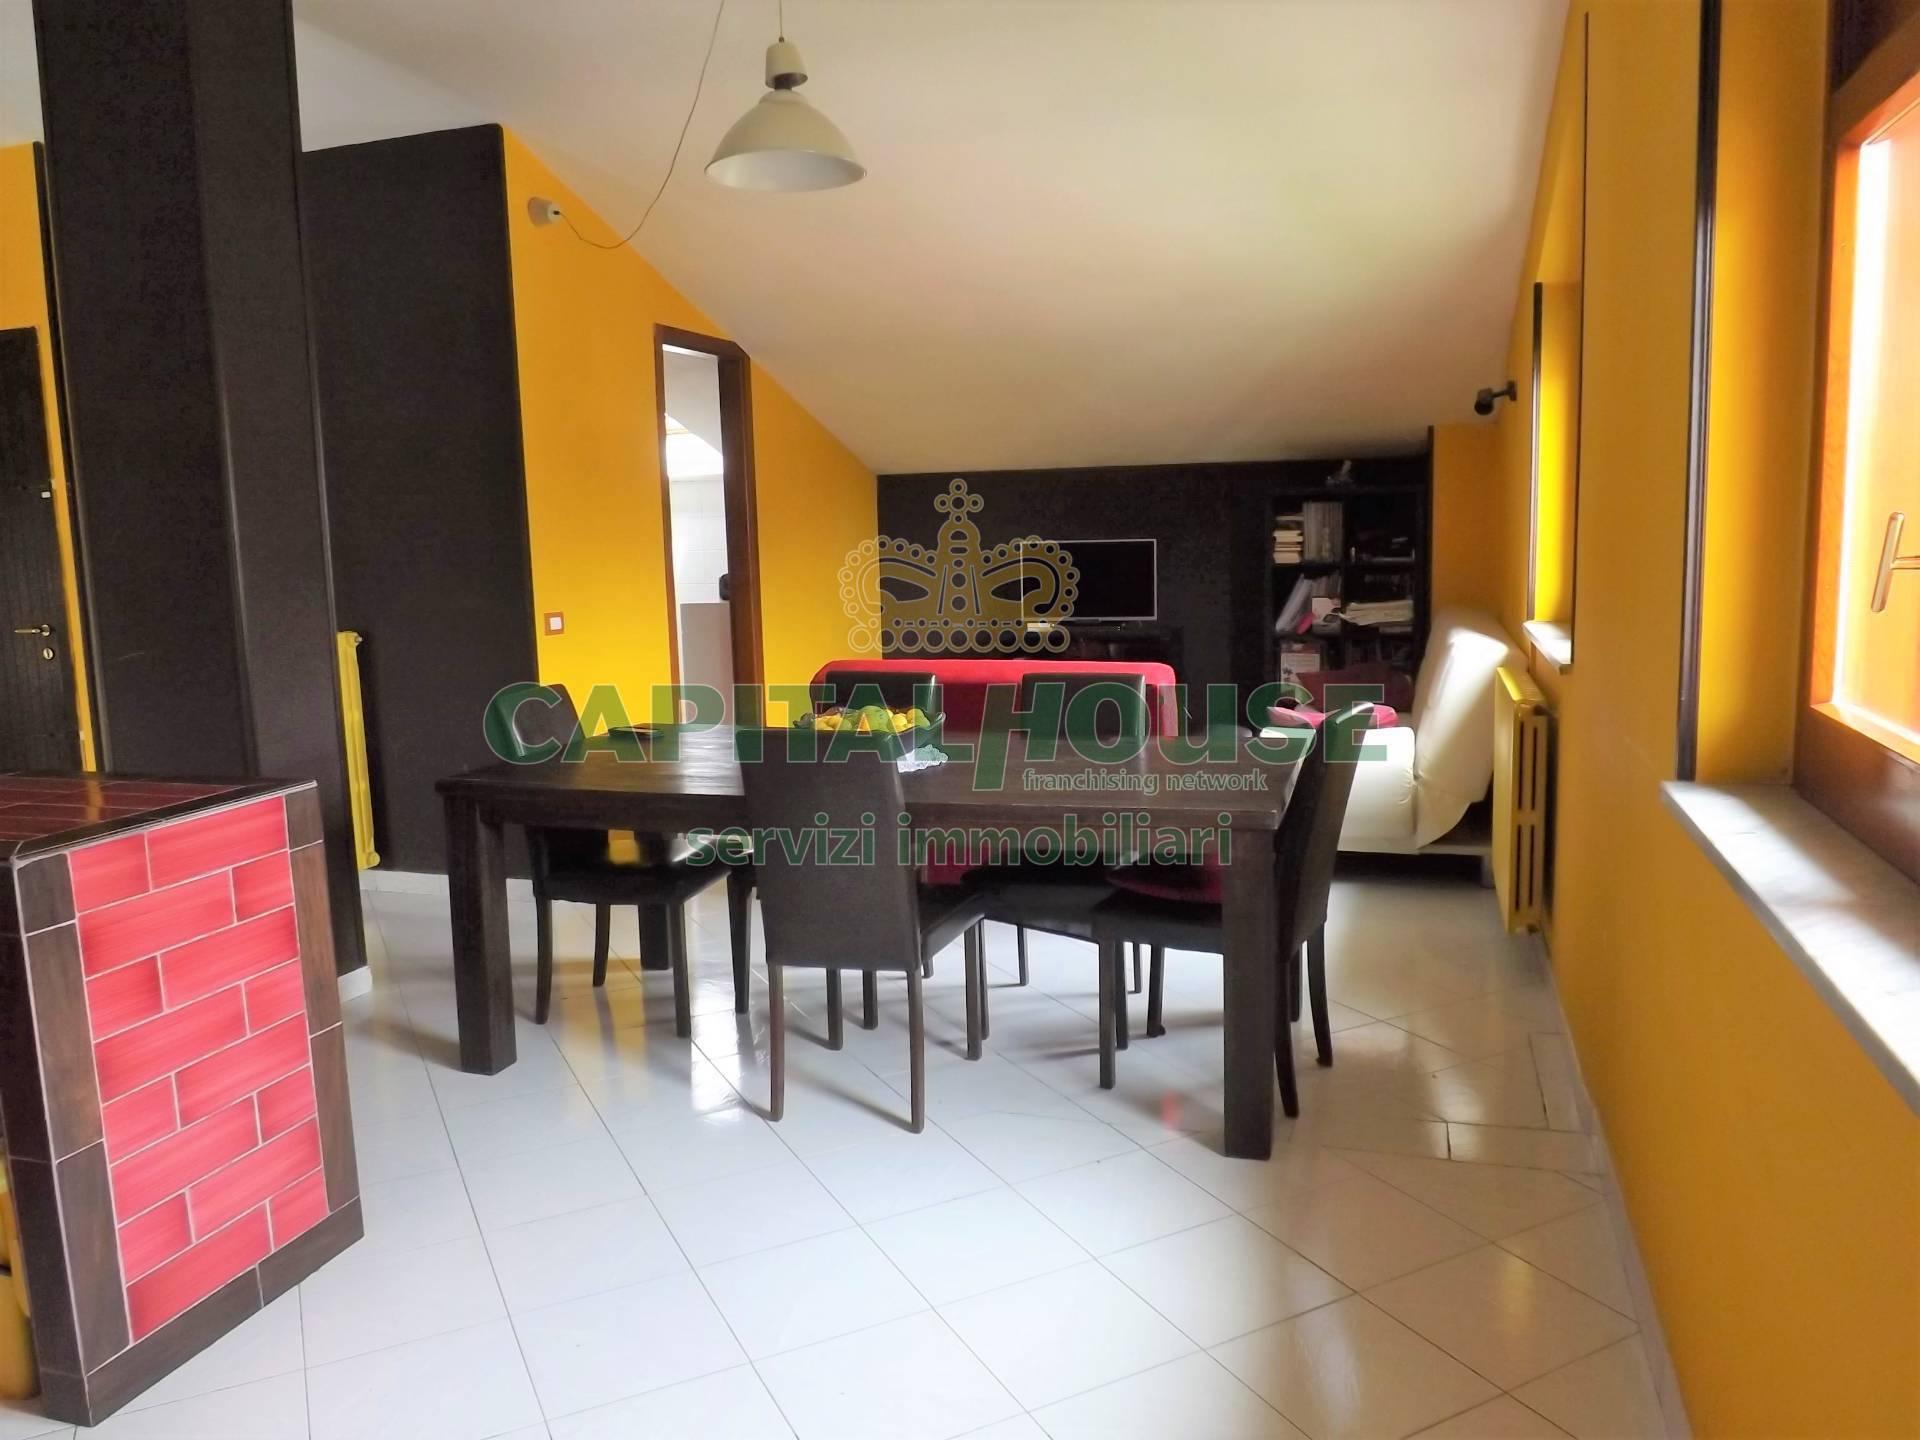 Appartamento in vendita a San Michele di Serino, 3 locali, prezzo € 79.000 | CambioCasa.it